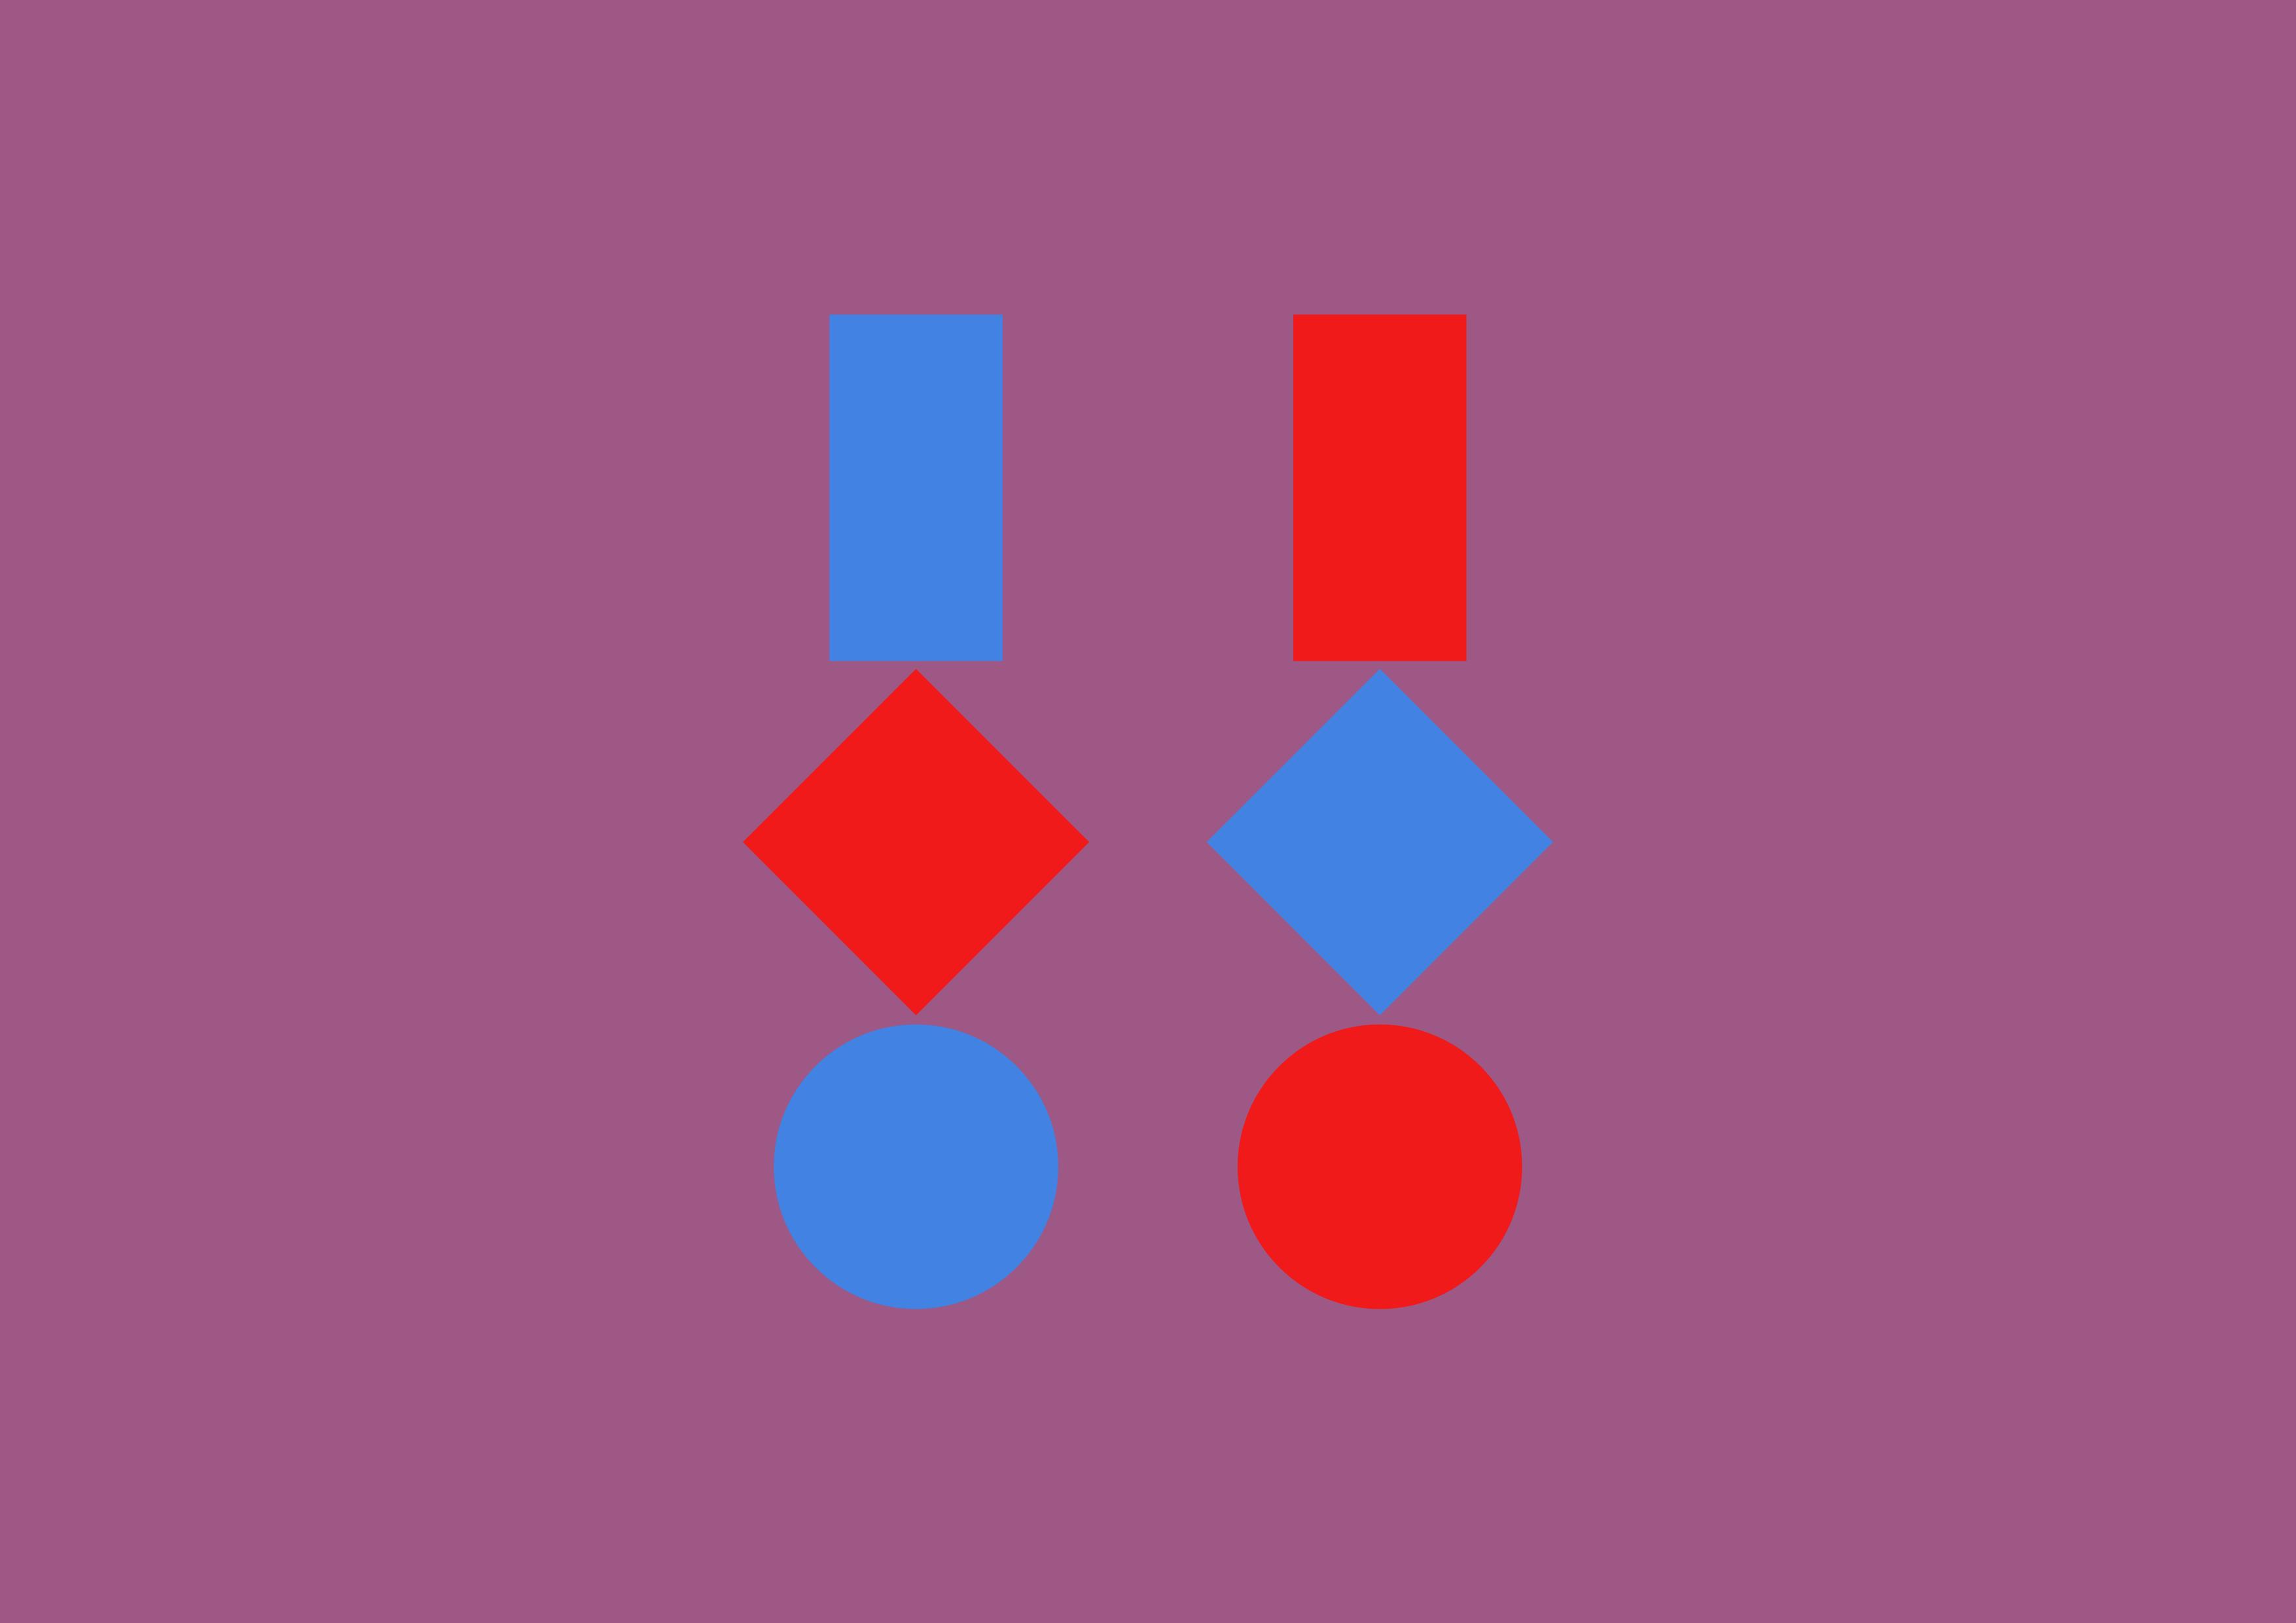 Drei geometrische Figuren · Blau und Rot · Mischfarbe als Hintergrund